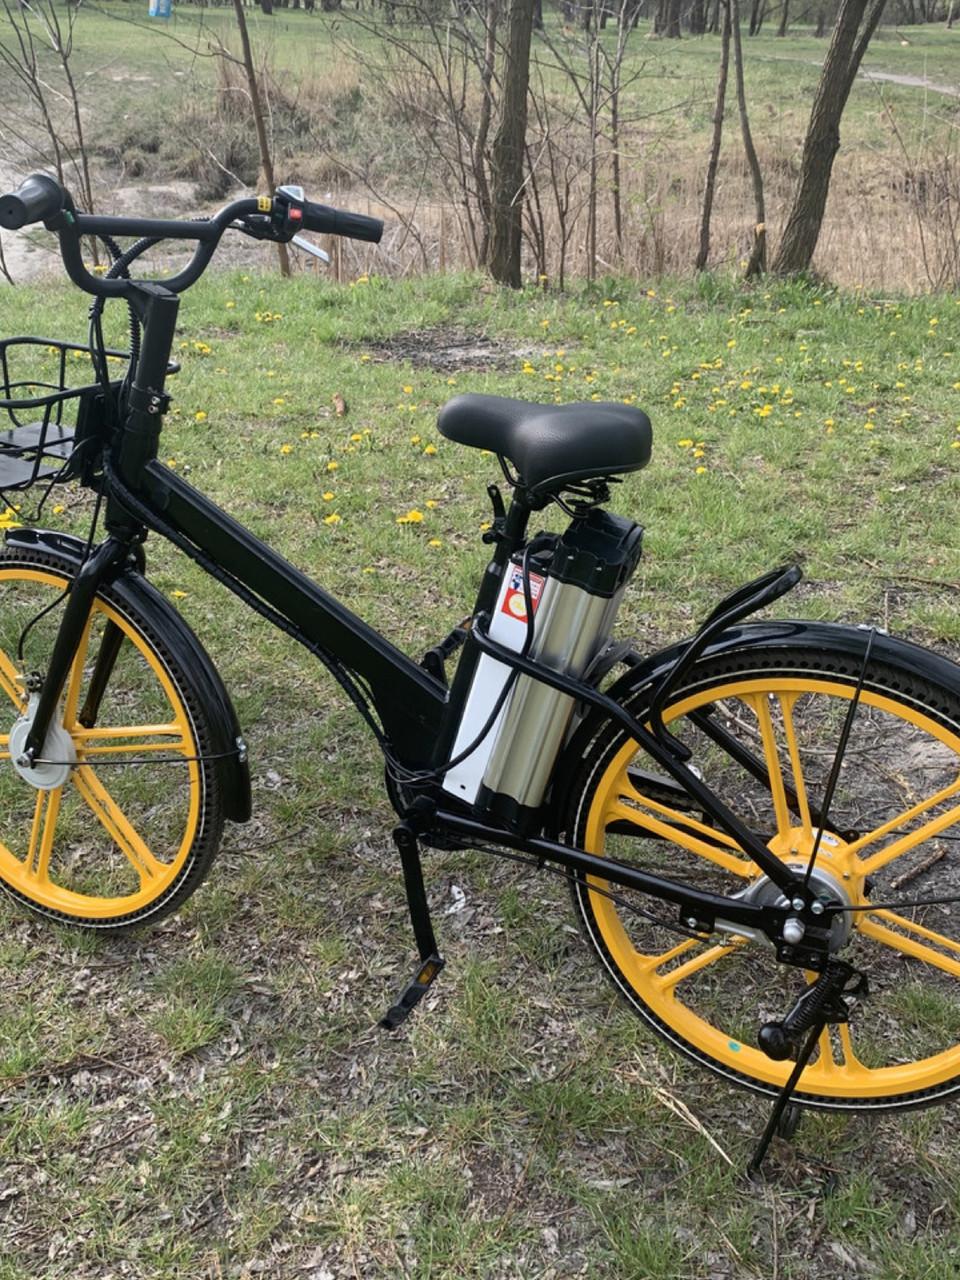 Электровелосипед с передней корзиной на литых дисках антипрокольные шины безкамерки с Европы